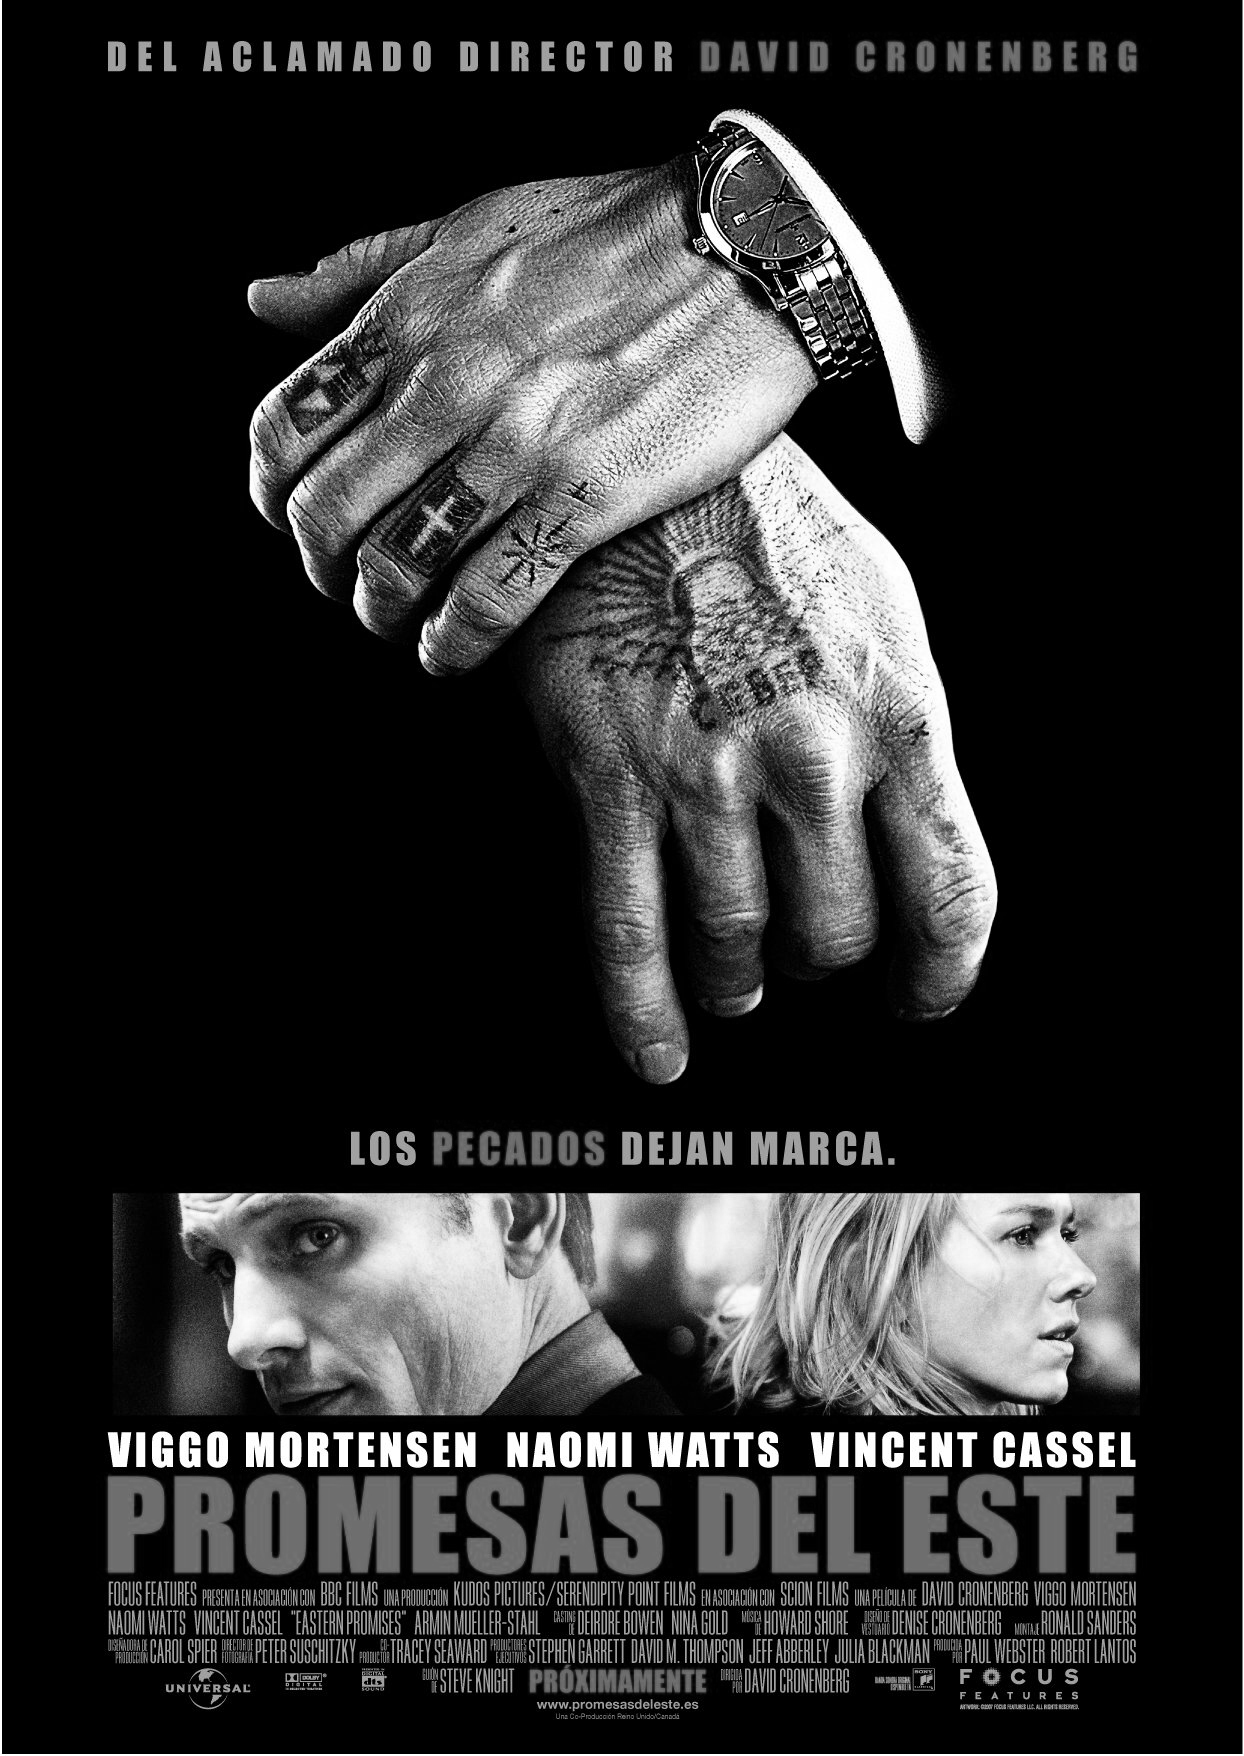 Aumentan los filmes sobre la mafia rusa